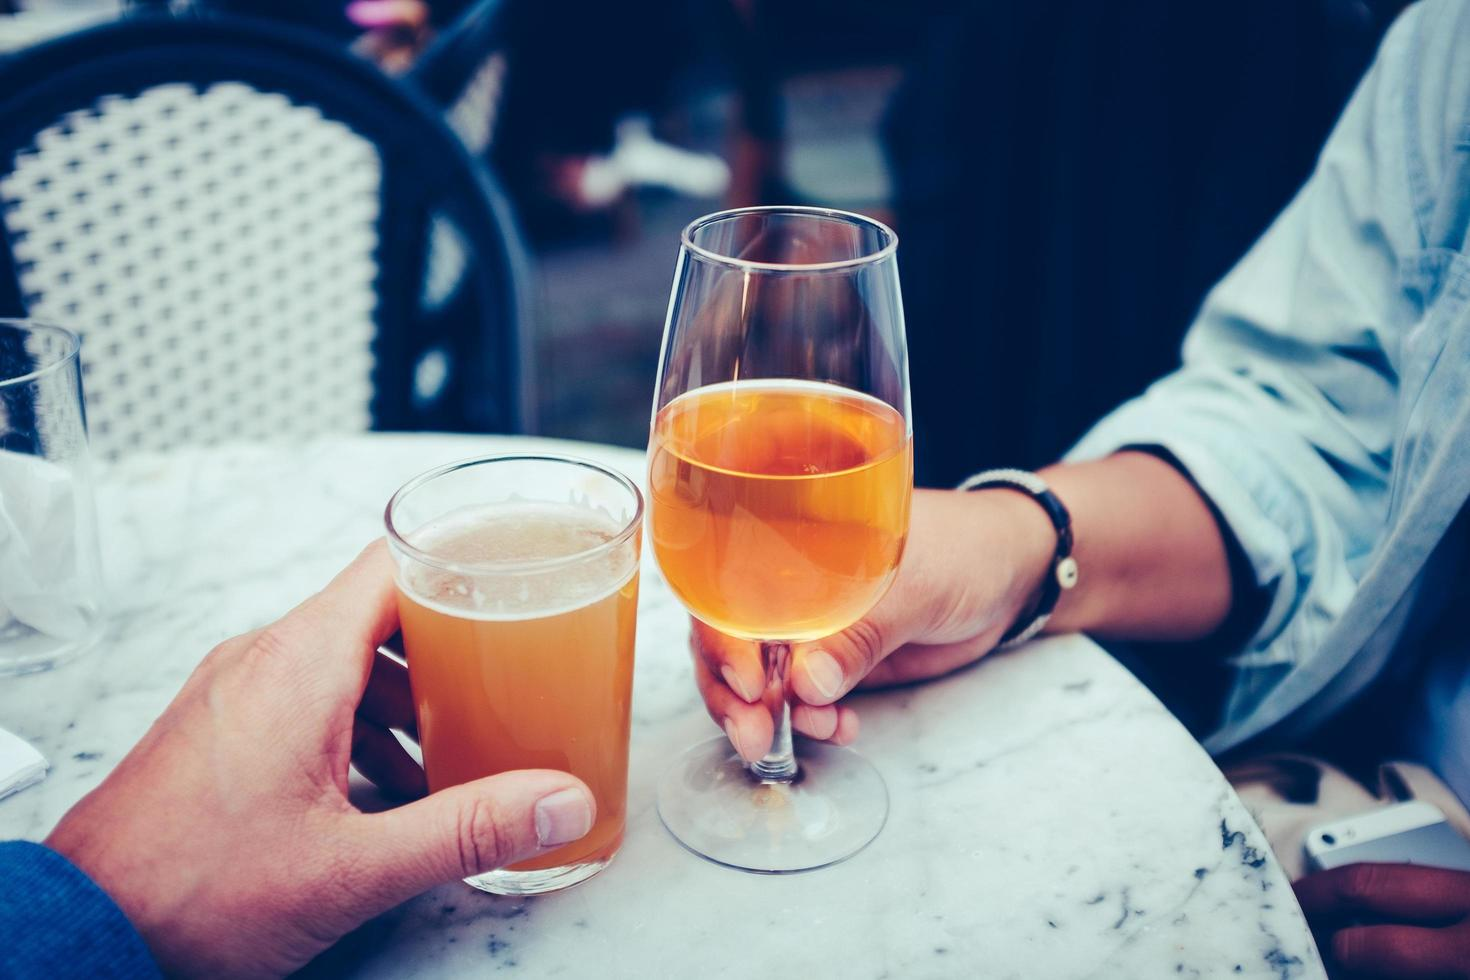 zwei Personen mit alkoholischen Getränken foto